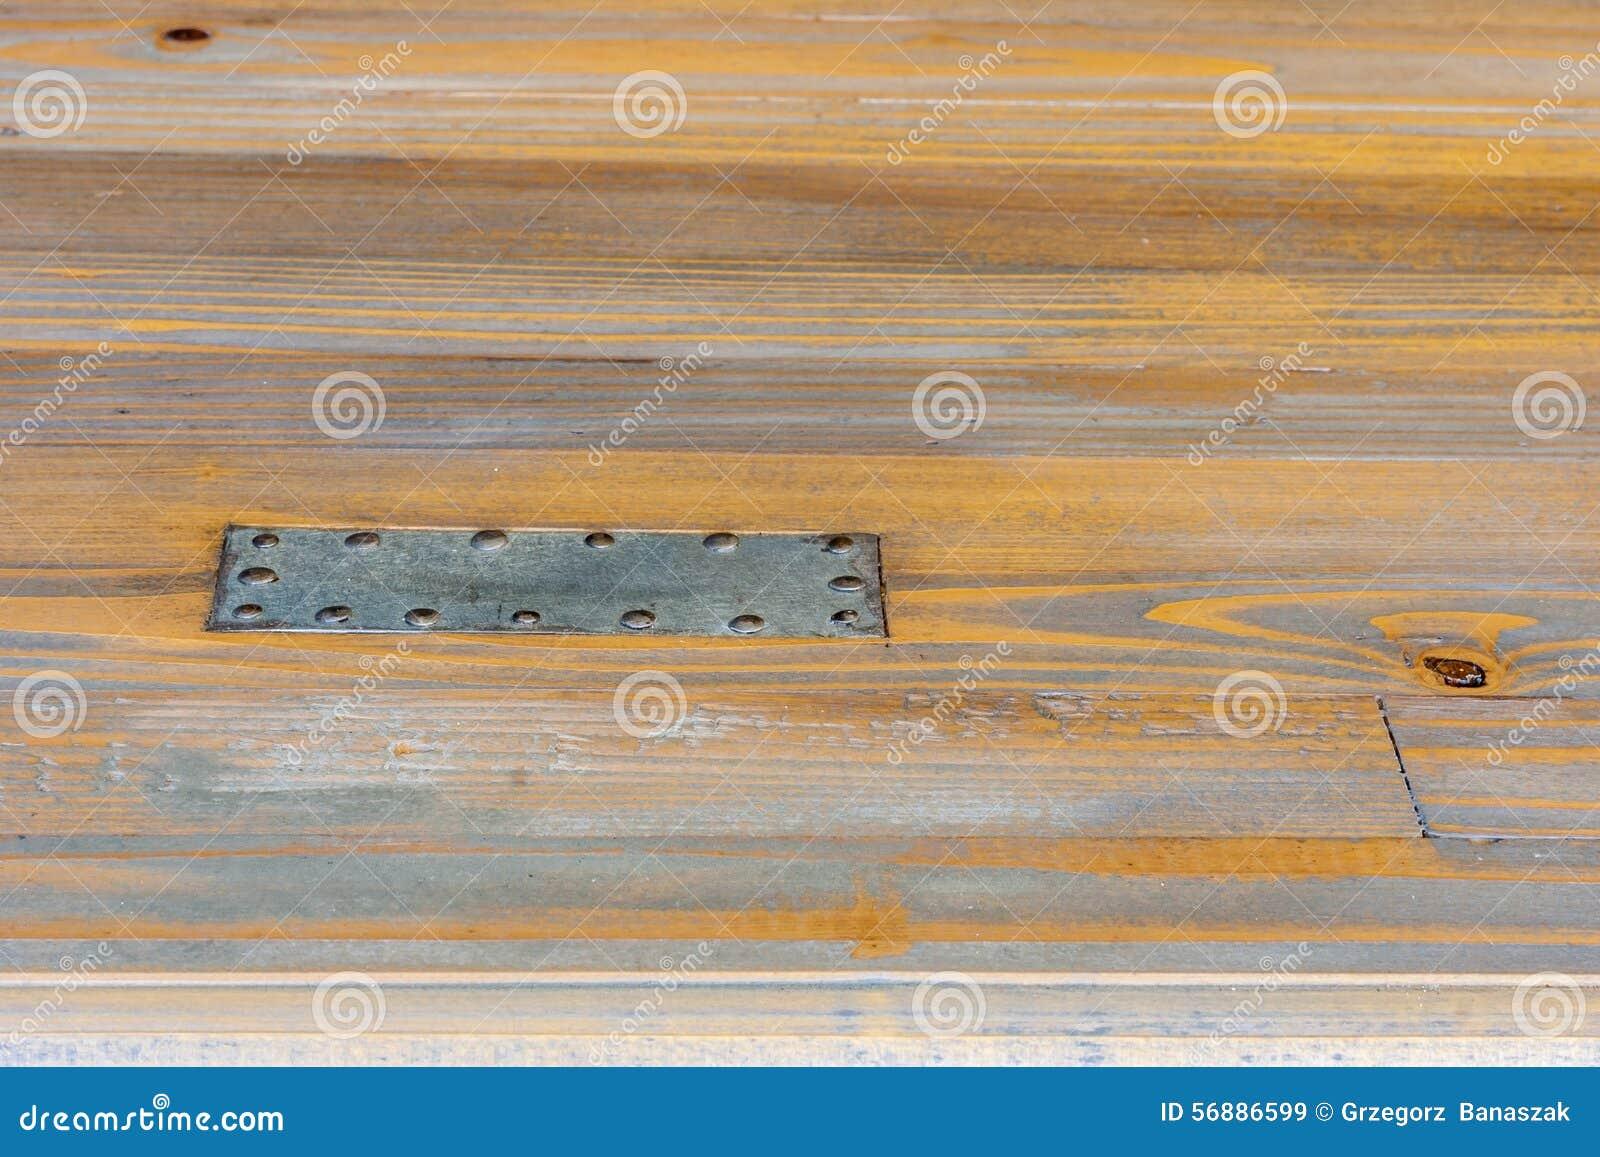 钢板被钉牢对木头